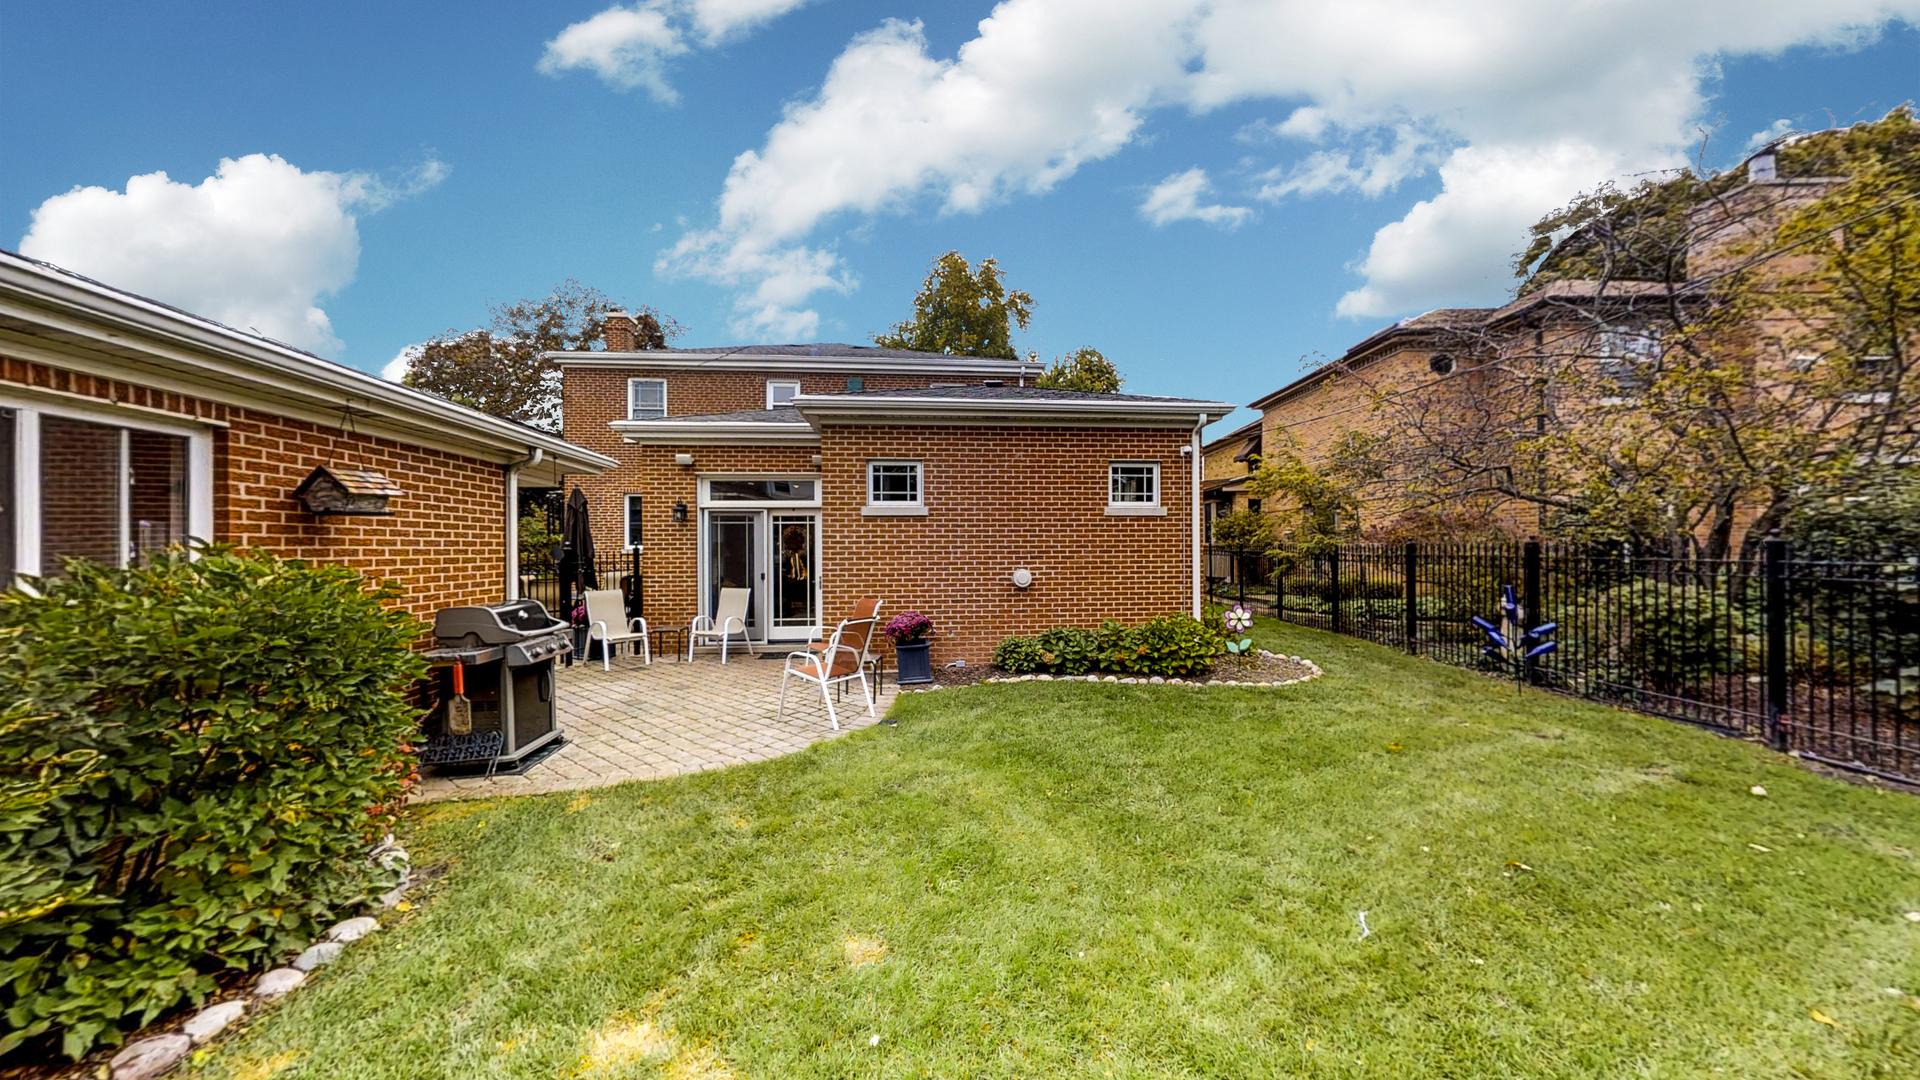 7835 West Cortland, Elmwood Park, Illinois, 60707